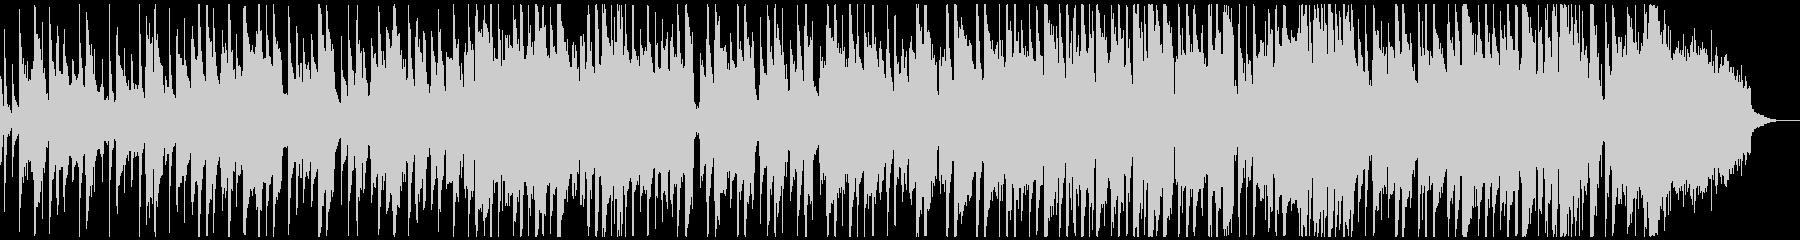 ピアノバンドのご機嫌なスムースジャズの未再生の波形